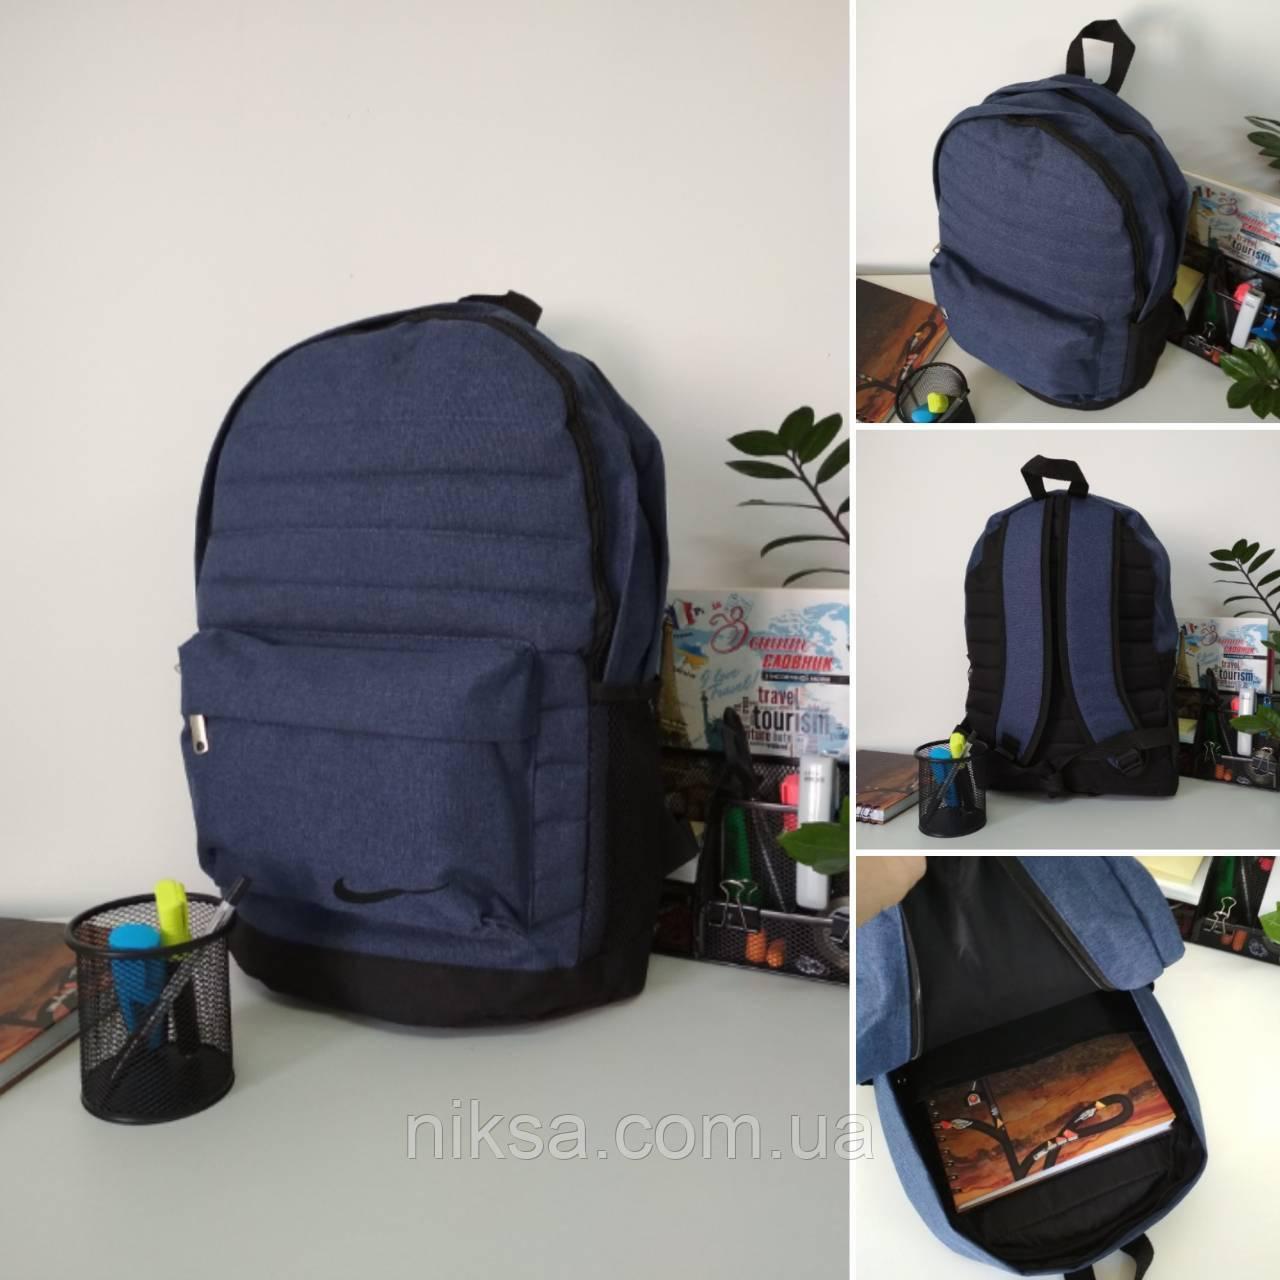 Рюкзак городской для девочек и мальчиков Nike, Reebok размер 45x30x20